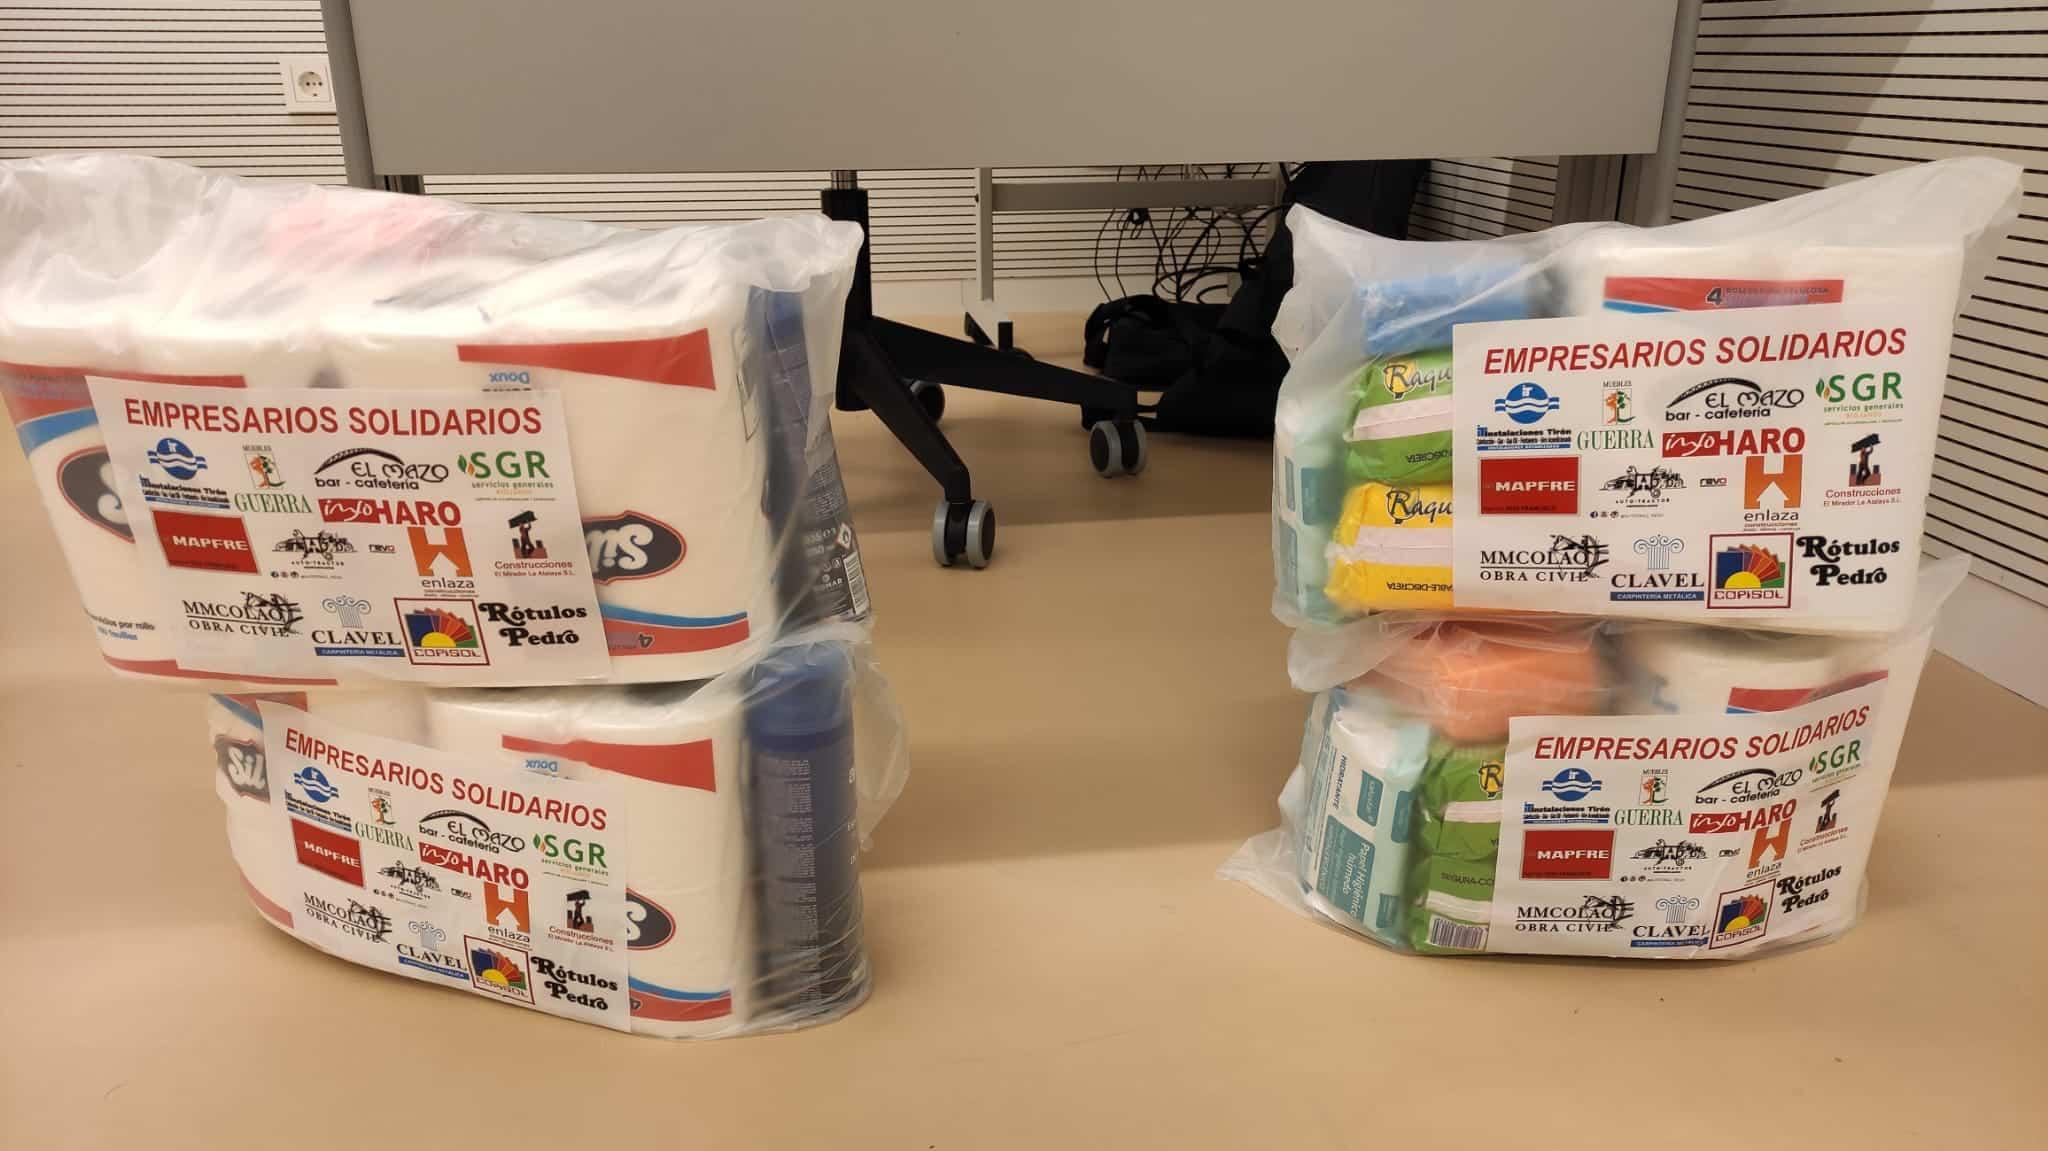 15 empresarios colaboran con Cruz Roja Haro en un proyecto solidario para ayudar a familias vulnerables 3